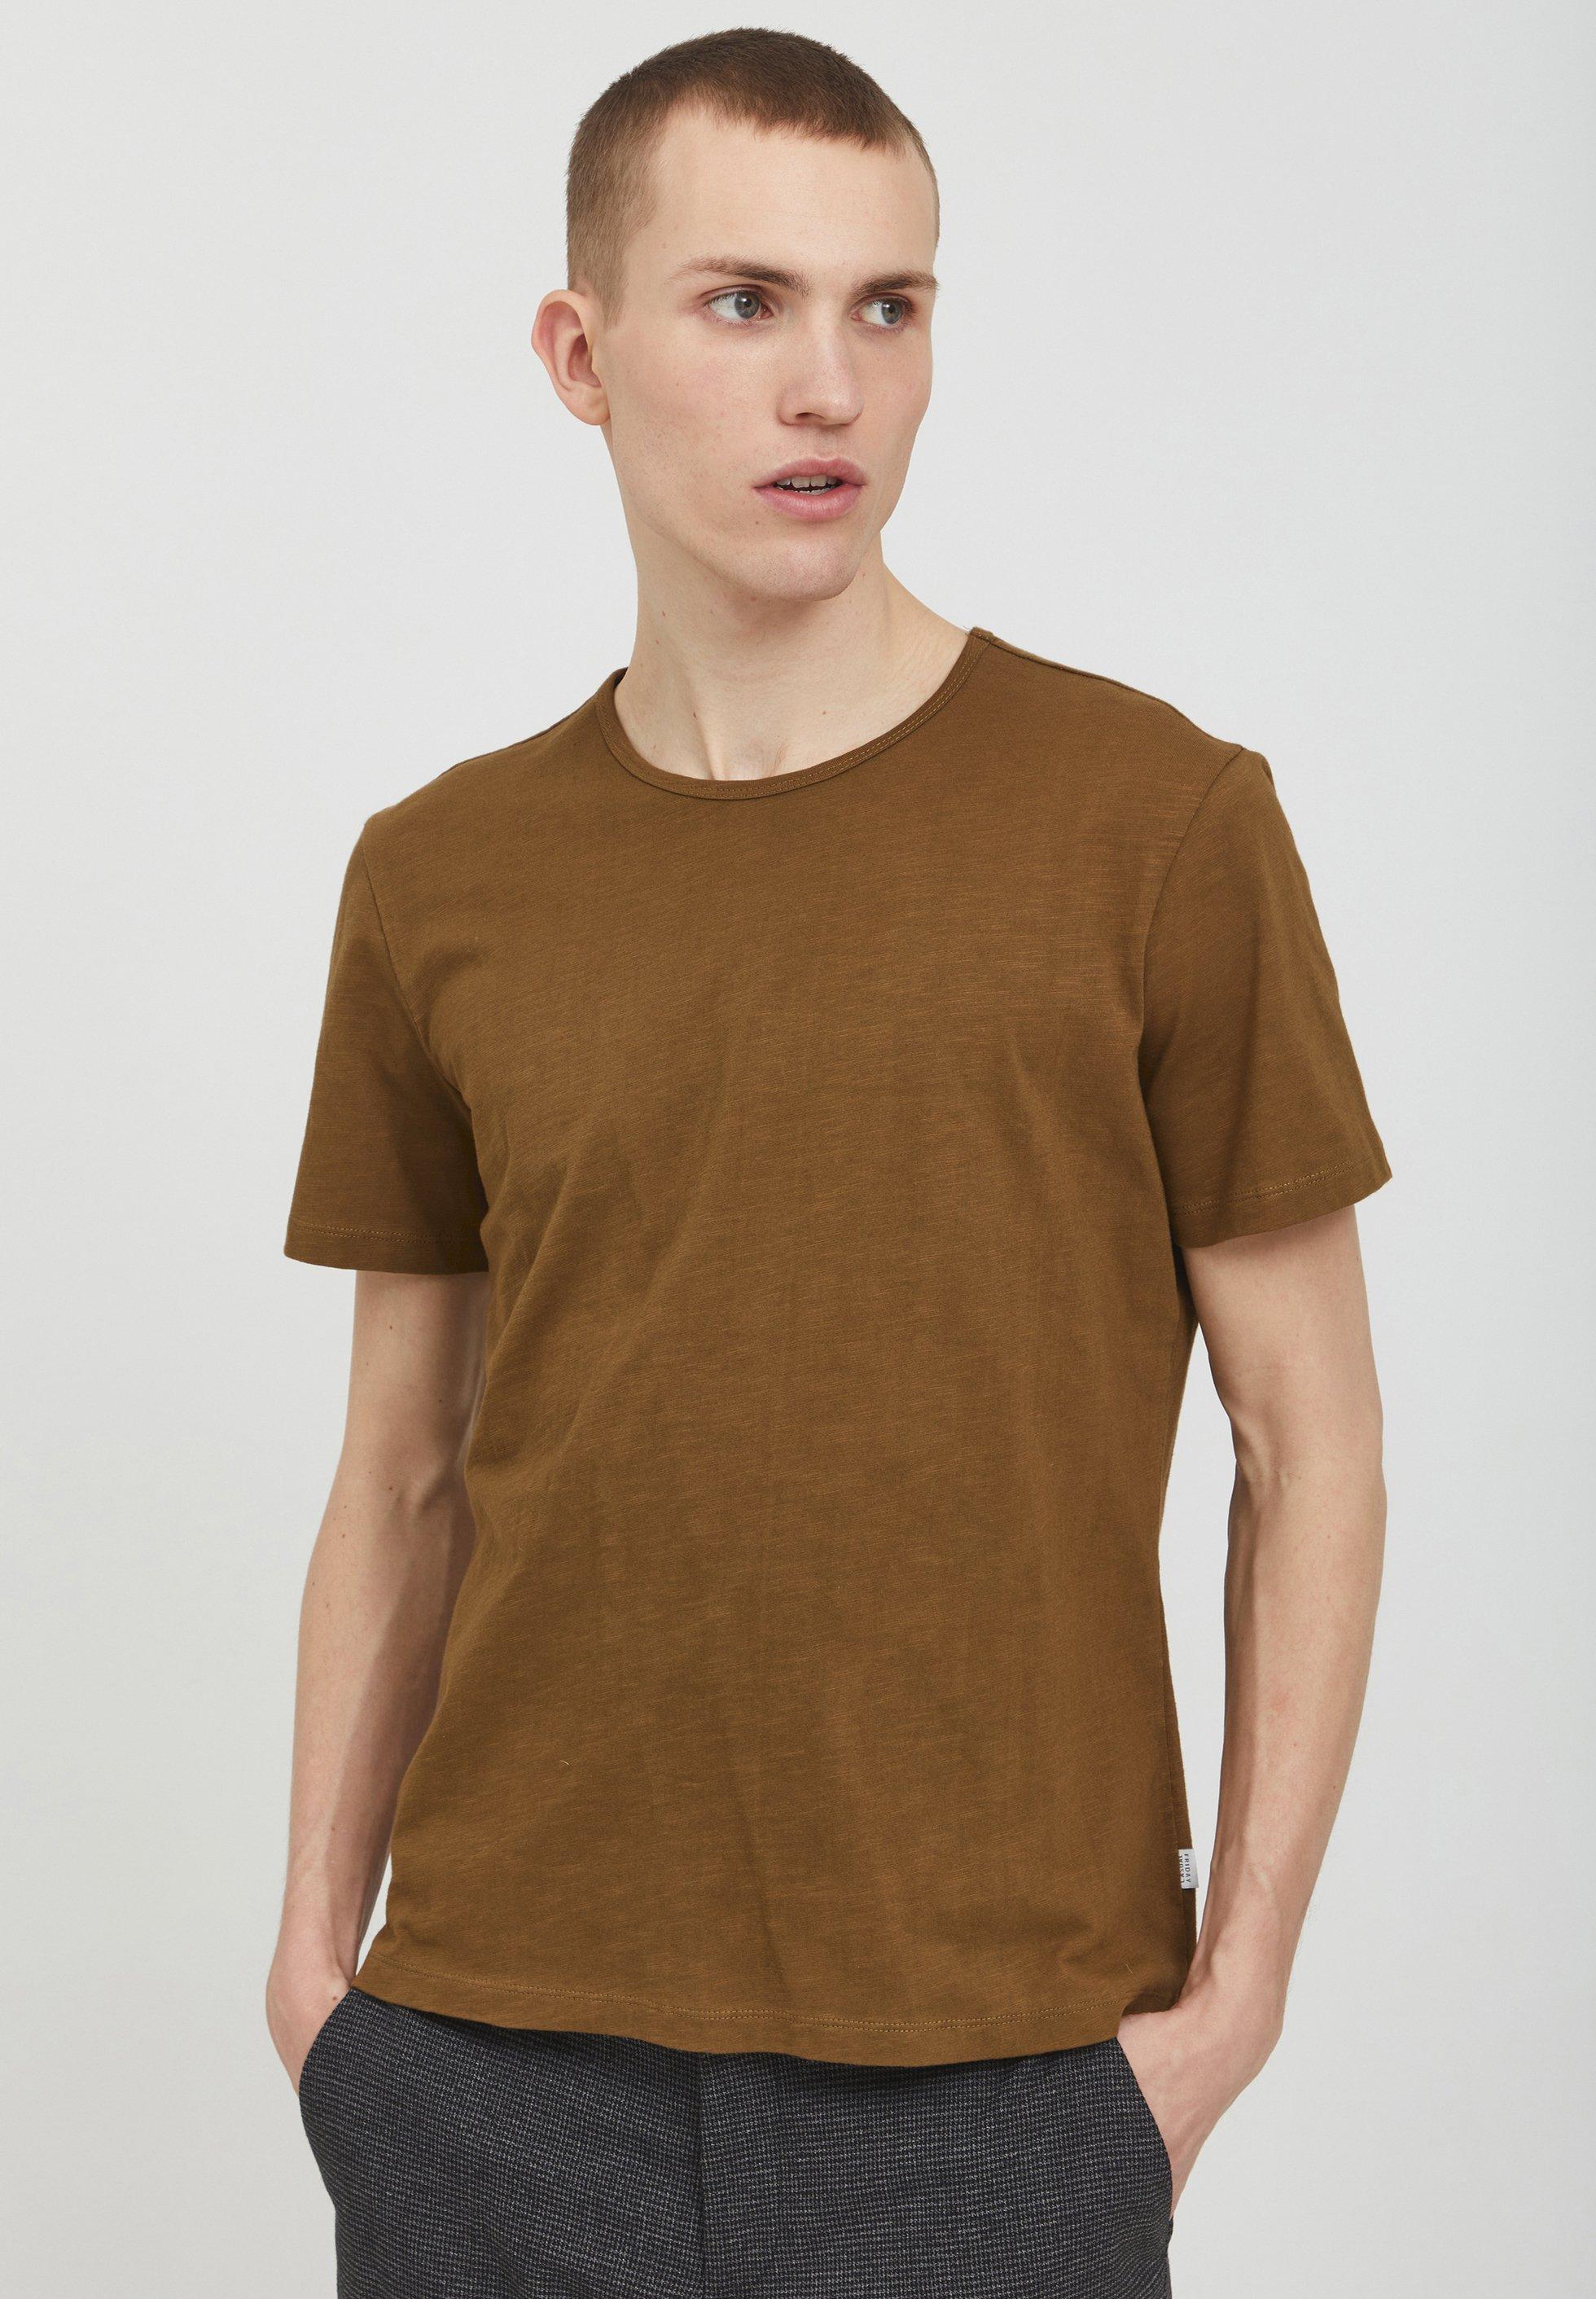 Homme GRANT NECK - T-shirt basique